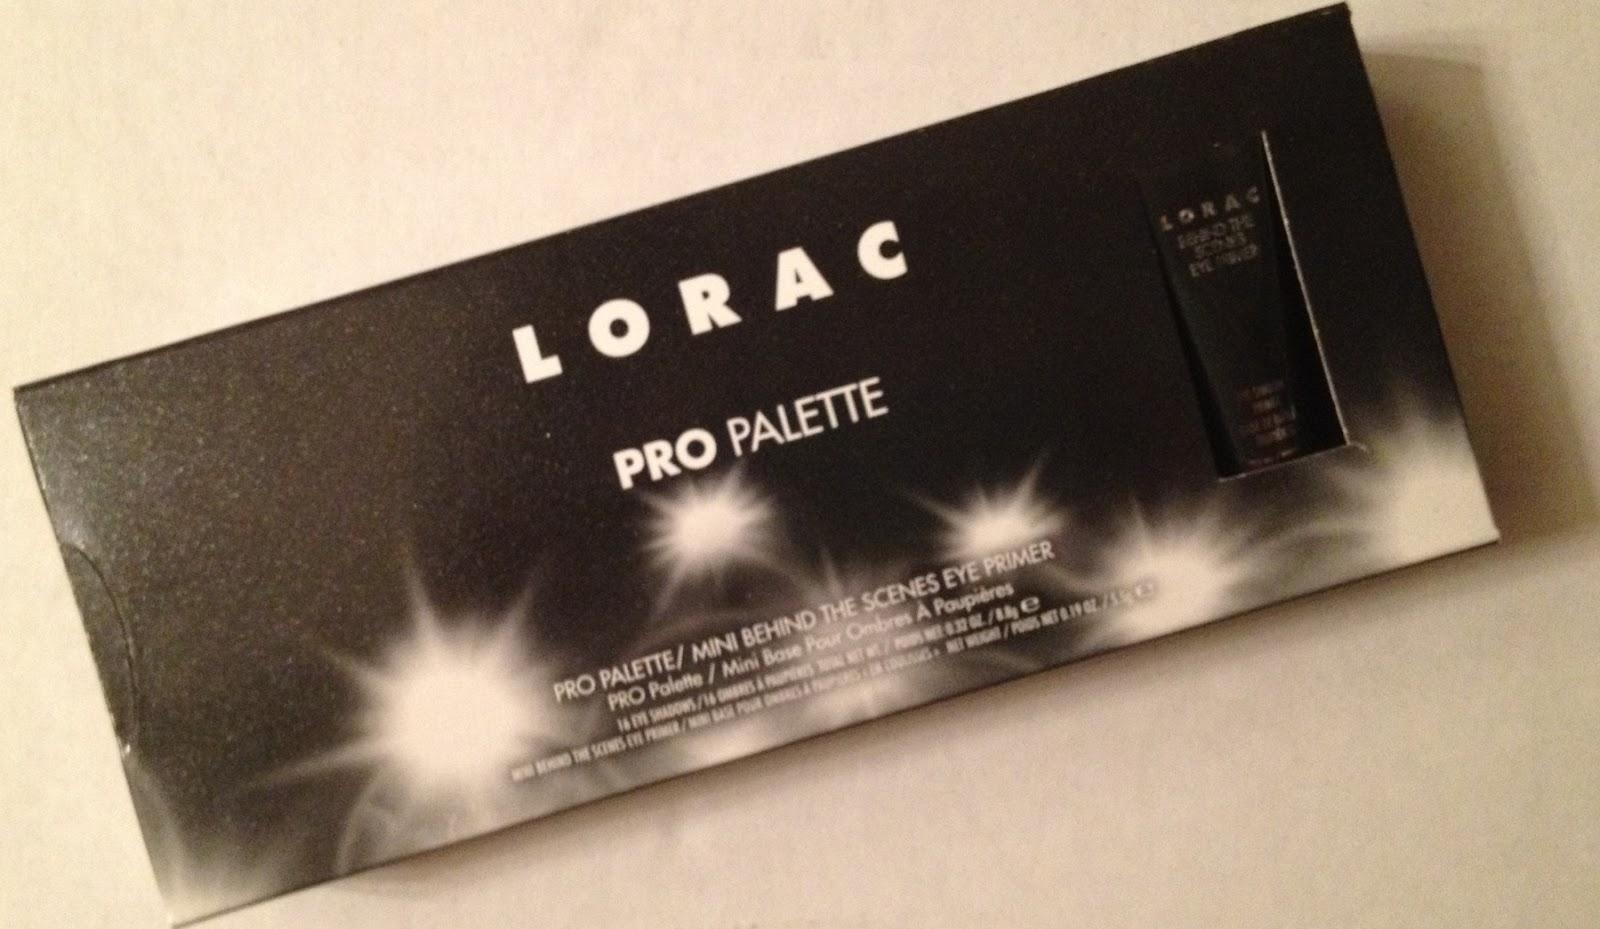 PRO Palette by Lorac #17